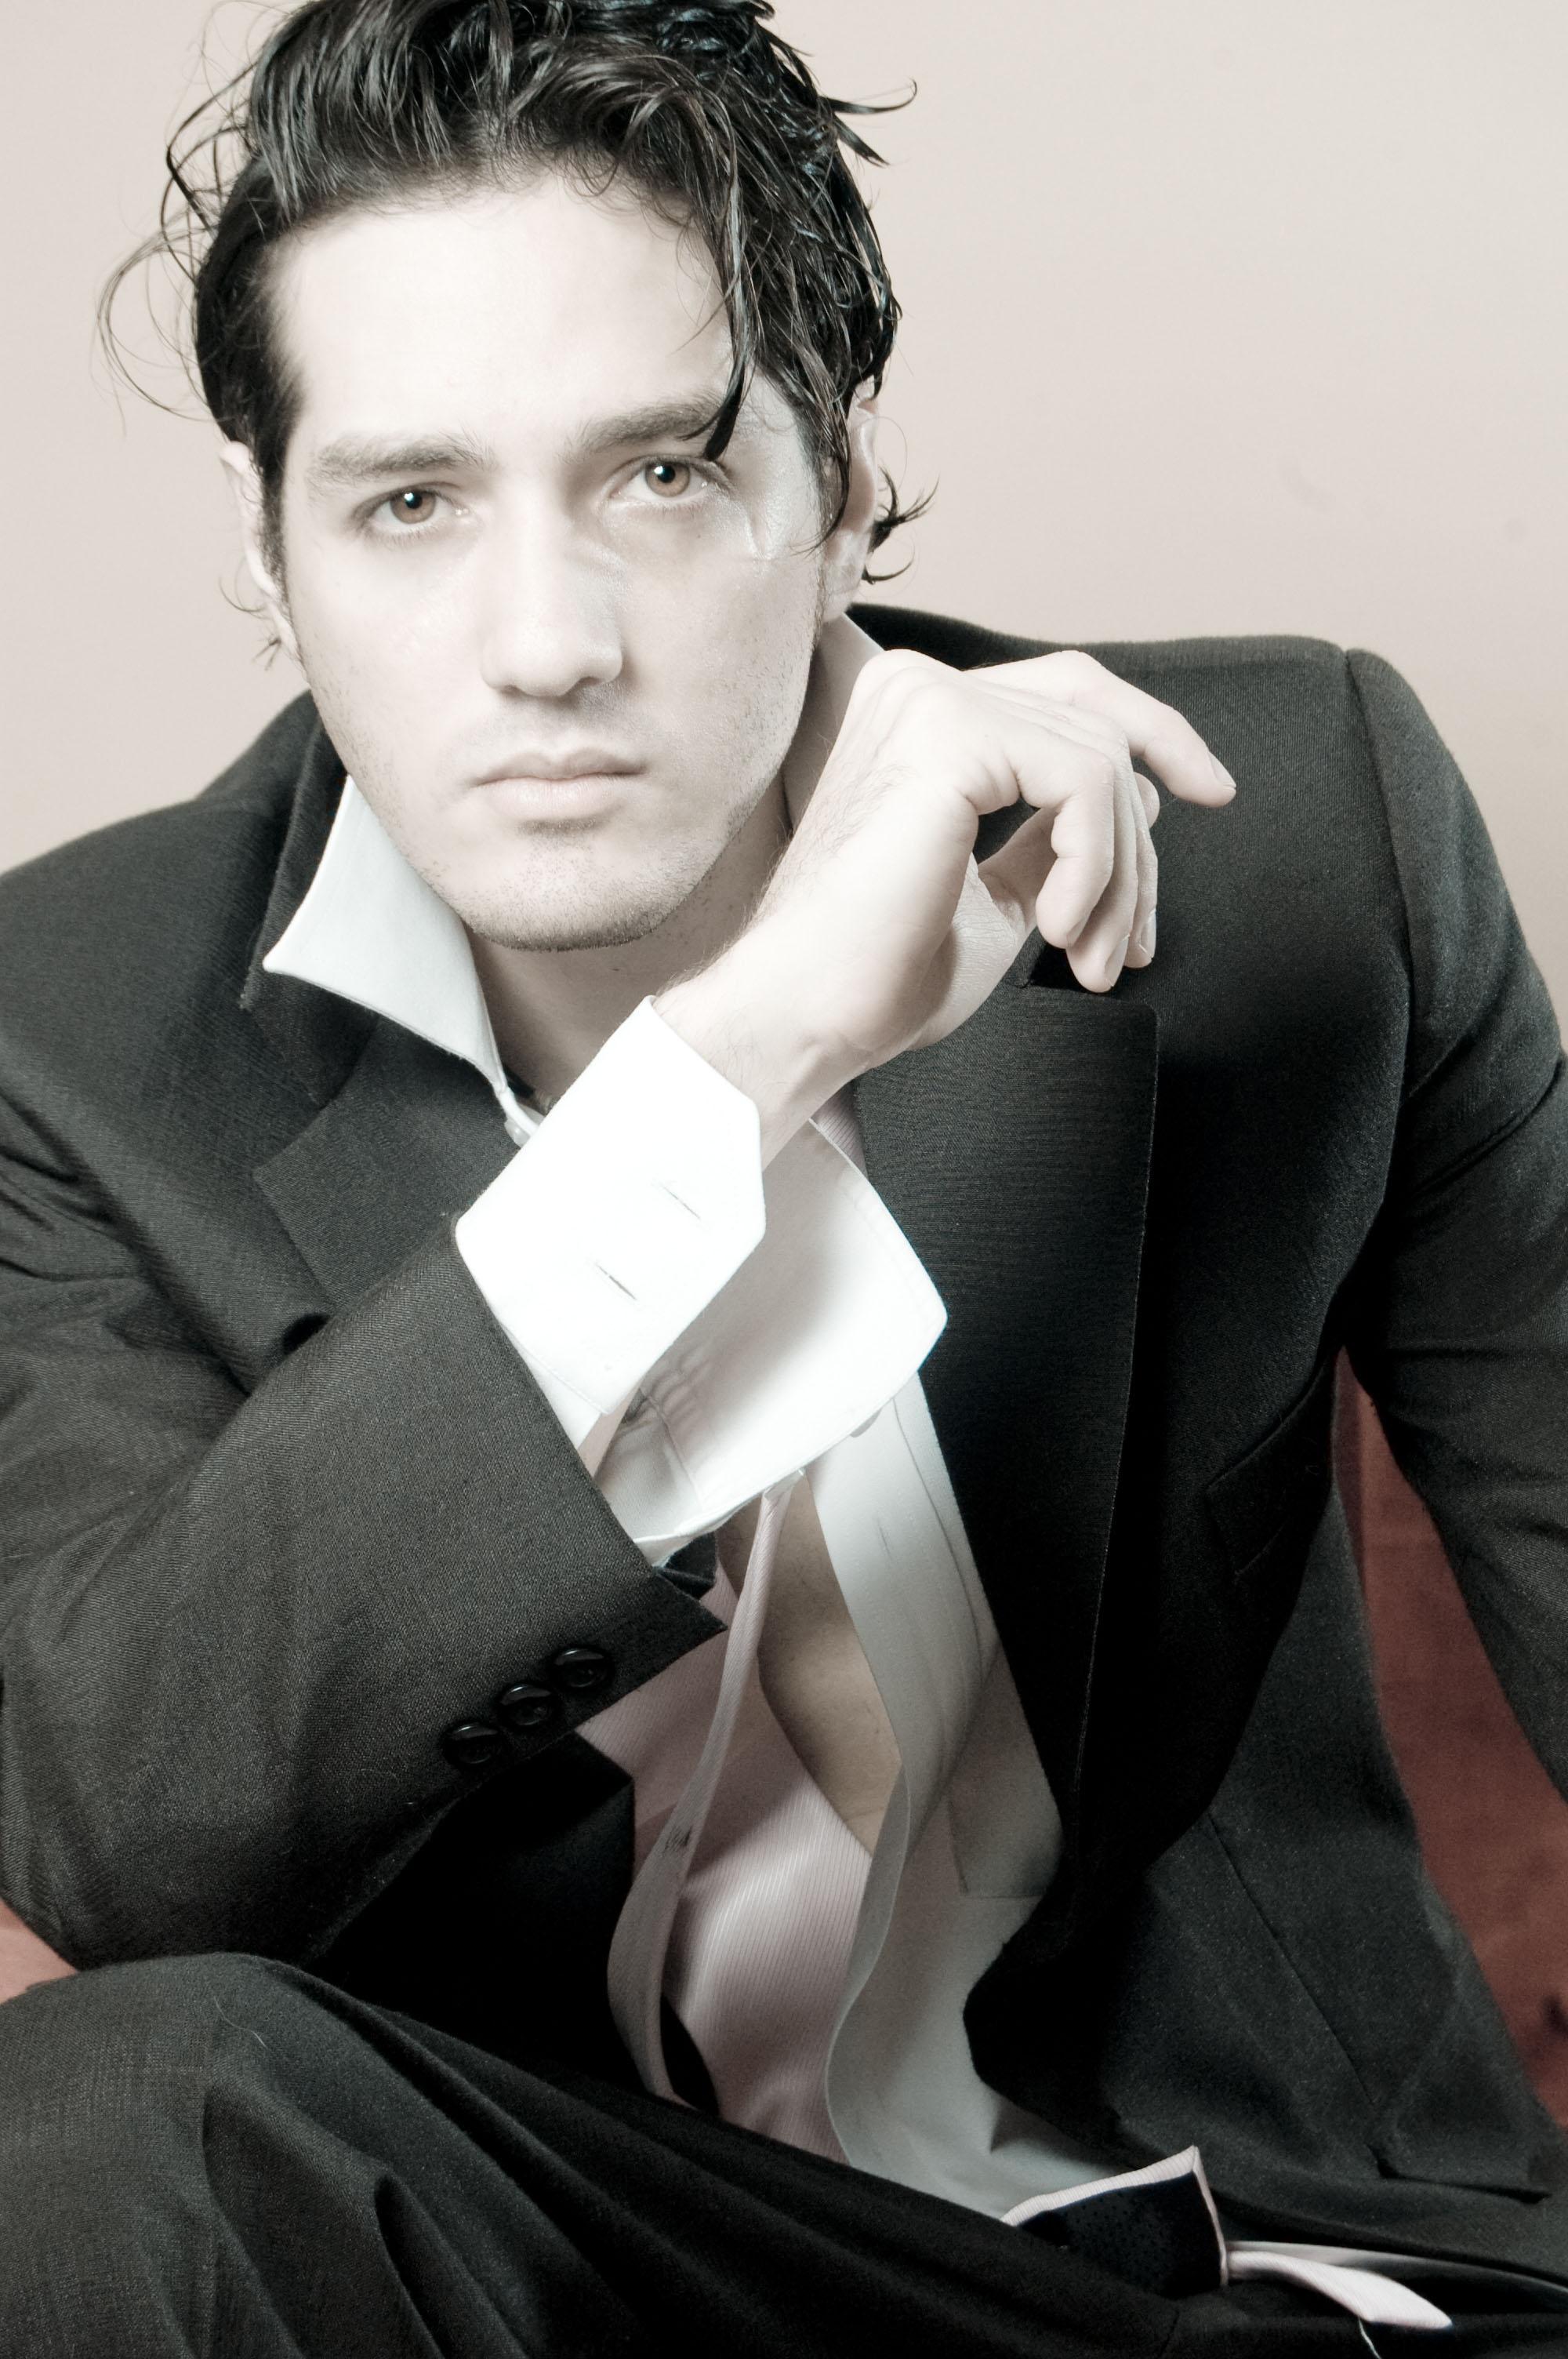 Jorge Amin